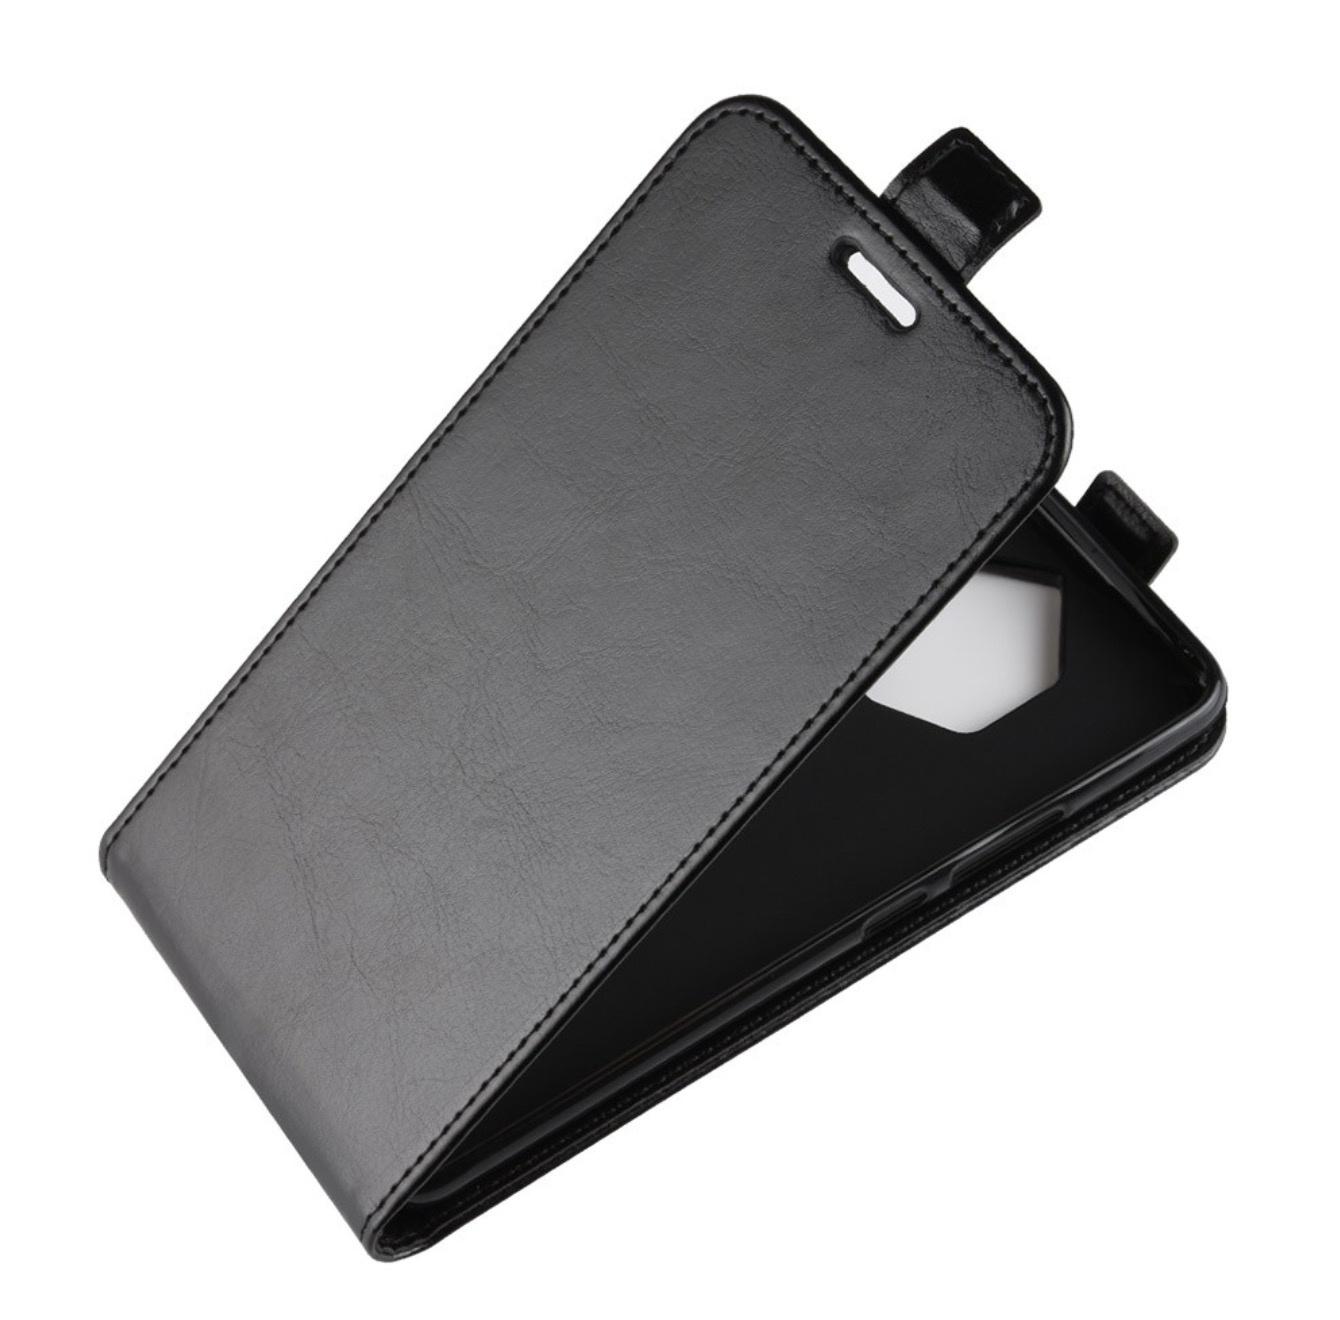 Чехол-флип MyPads для Meizu MX4 вертикальный откидной черный